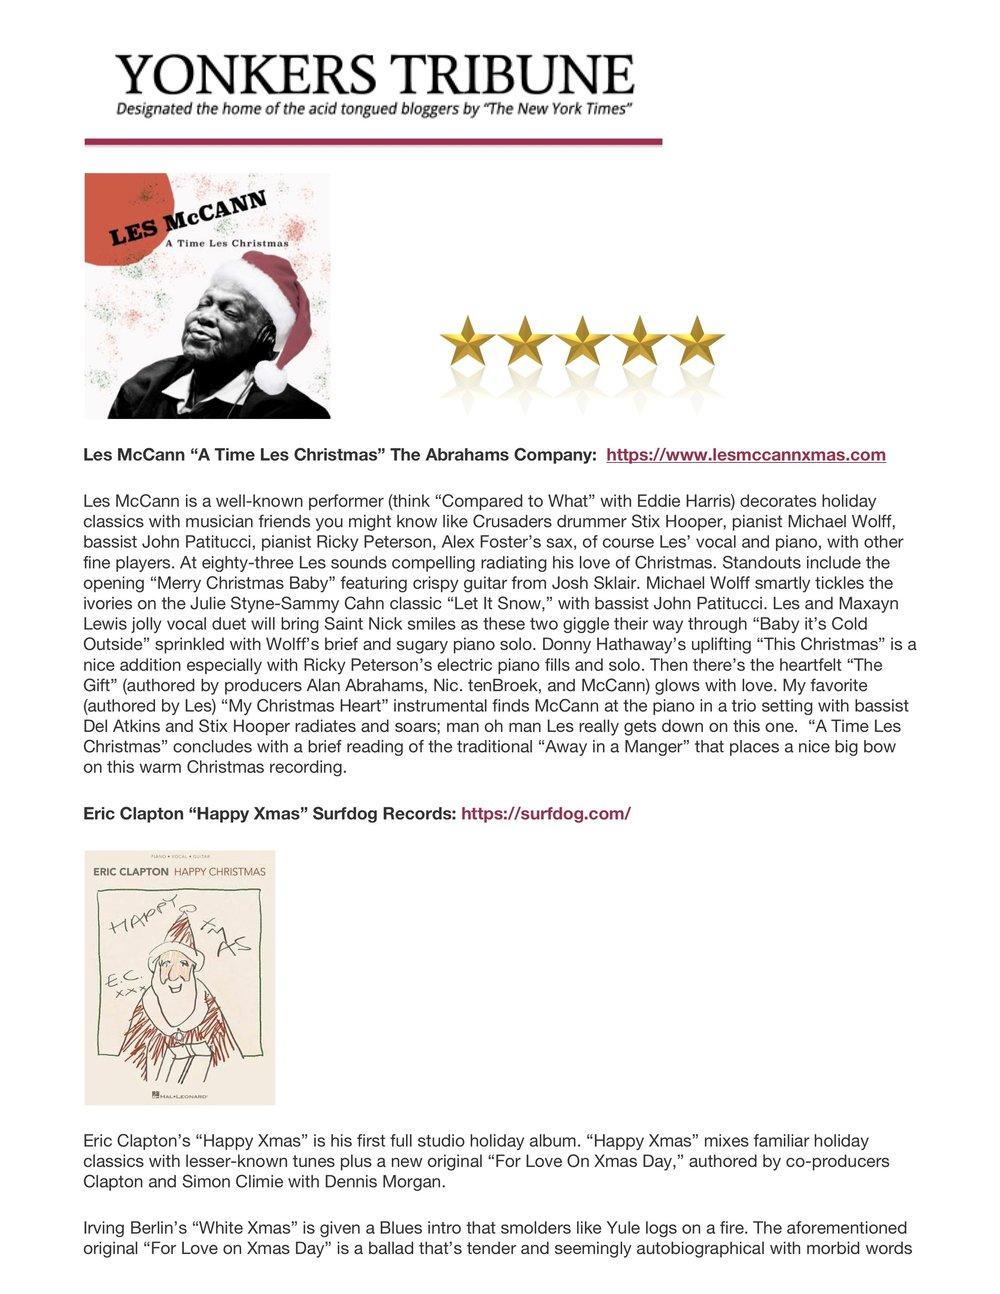 Les+McCann+Yonkers+Tribune+2.jpg